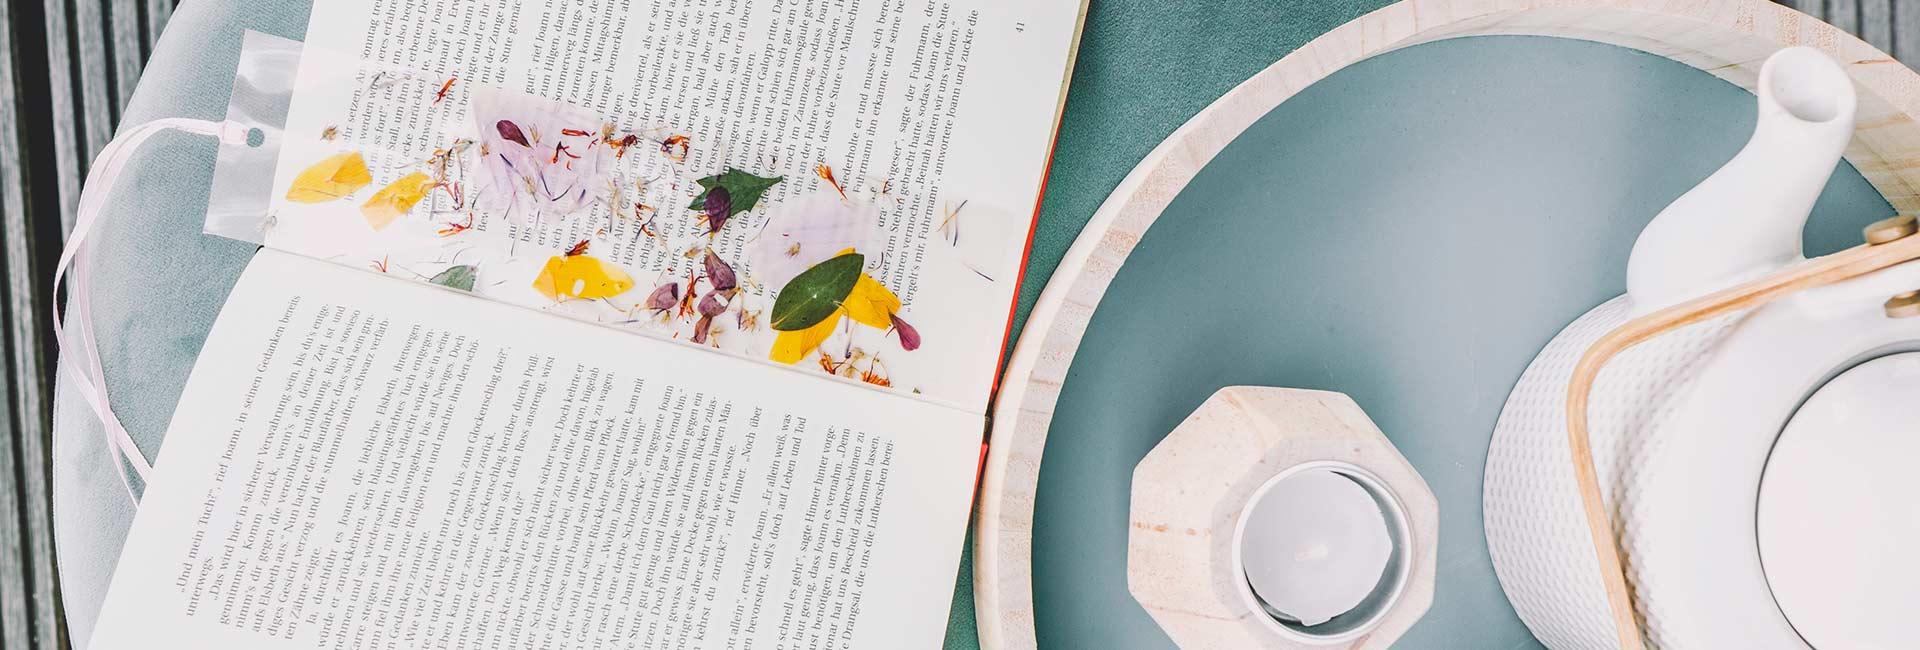 Lesezeichen mit Blütenblättern 1